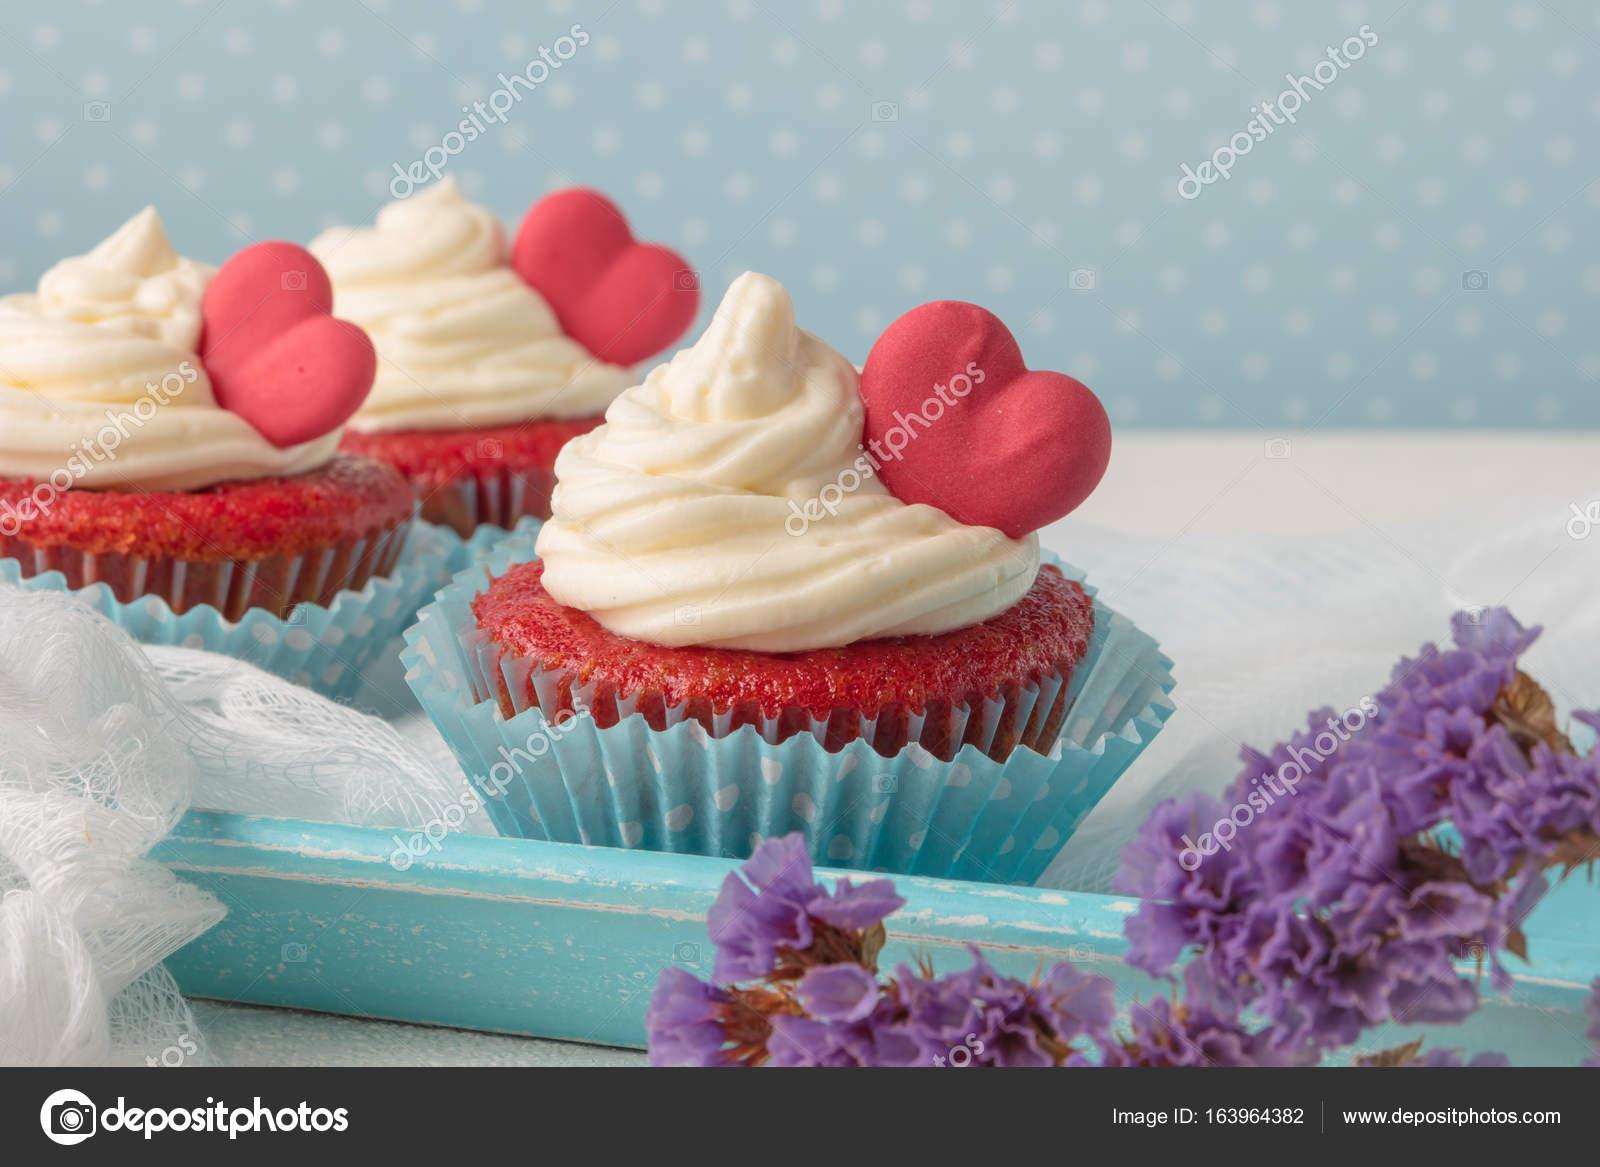 Herz Muffins Zum Valentinstag Stockfoto C Anamomarques 163964382